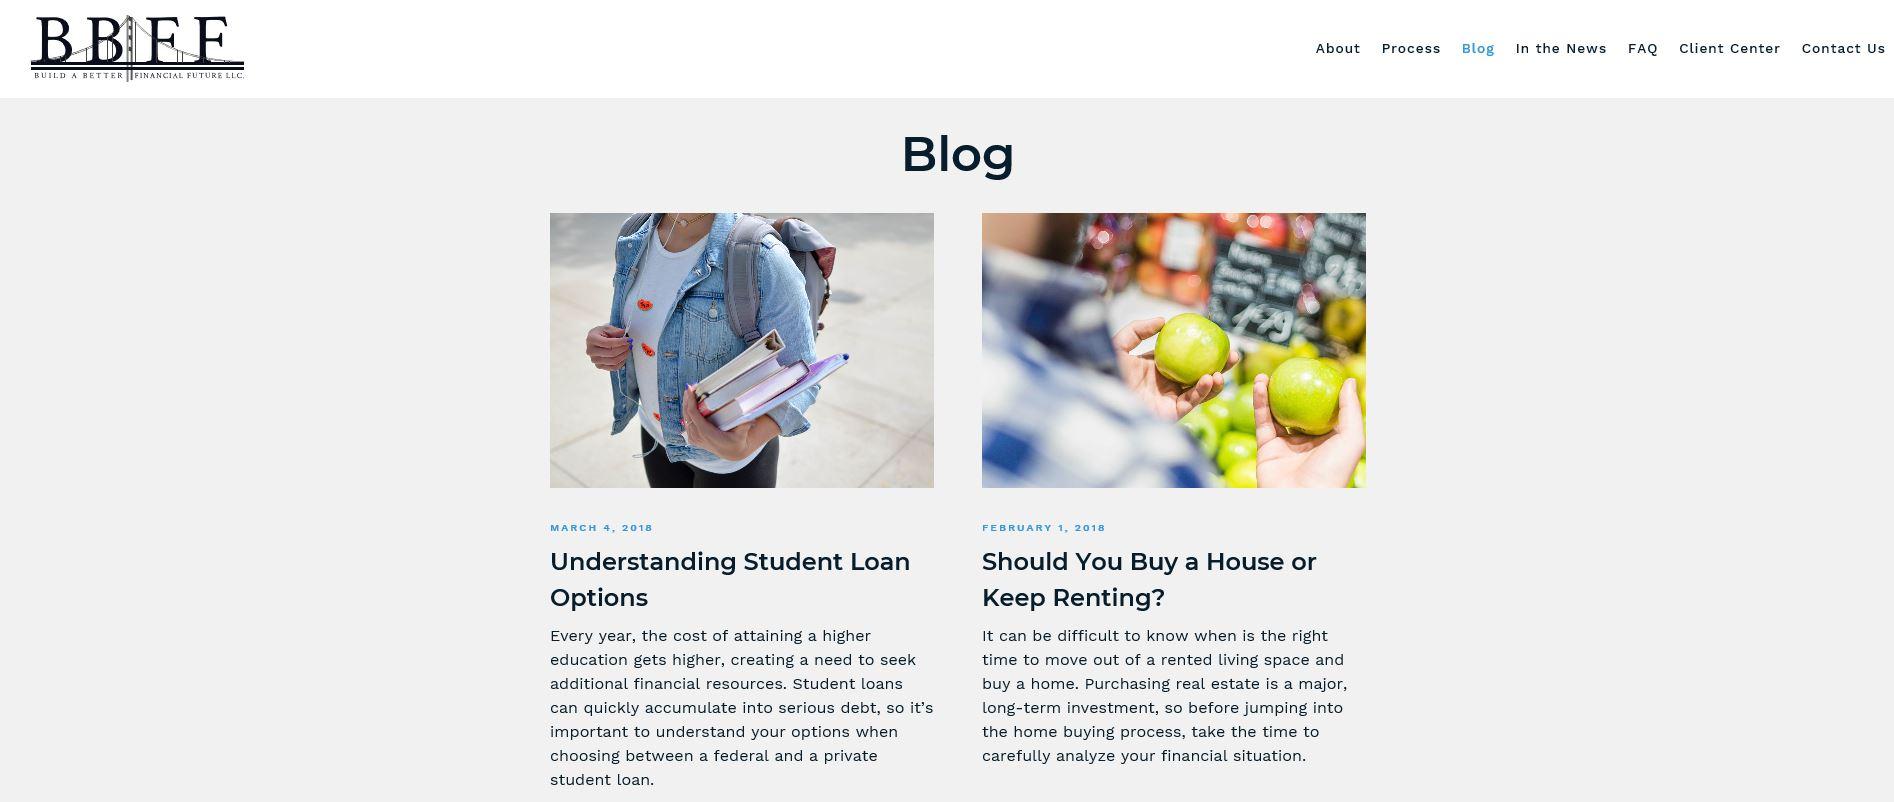 Build a Better Financial Future blog